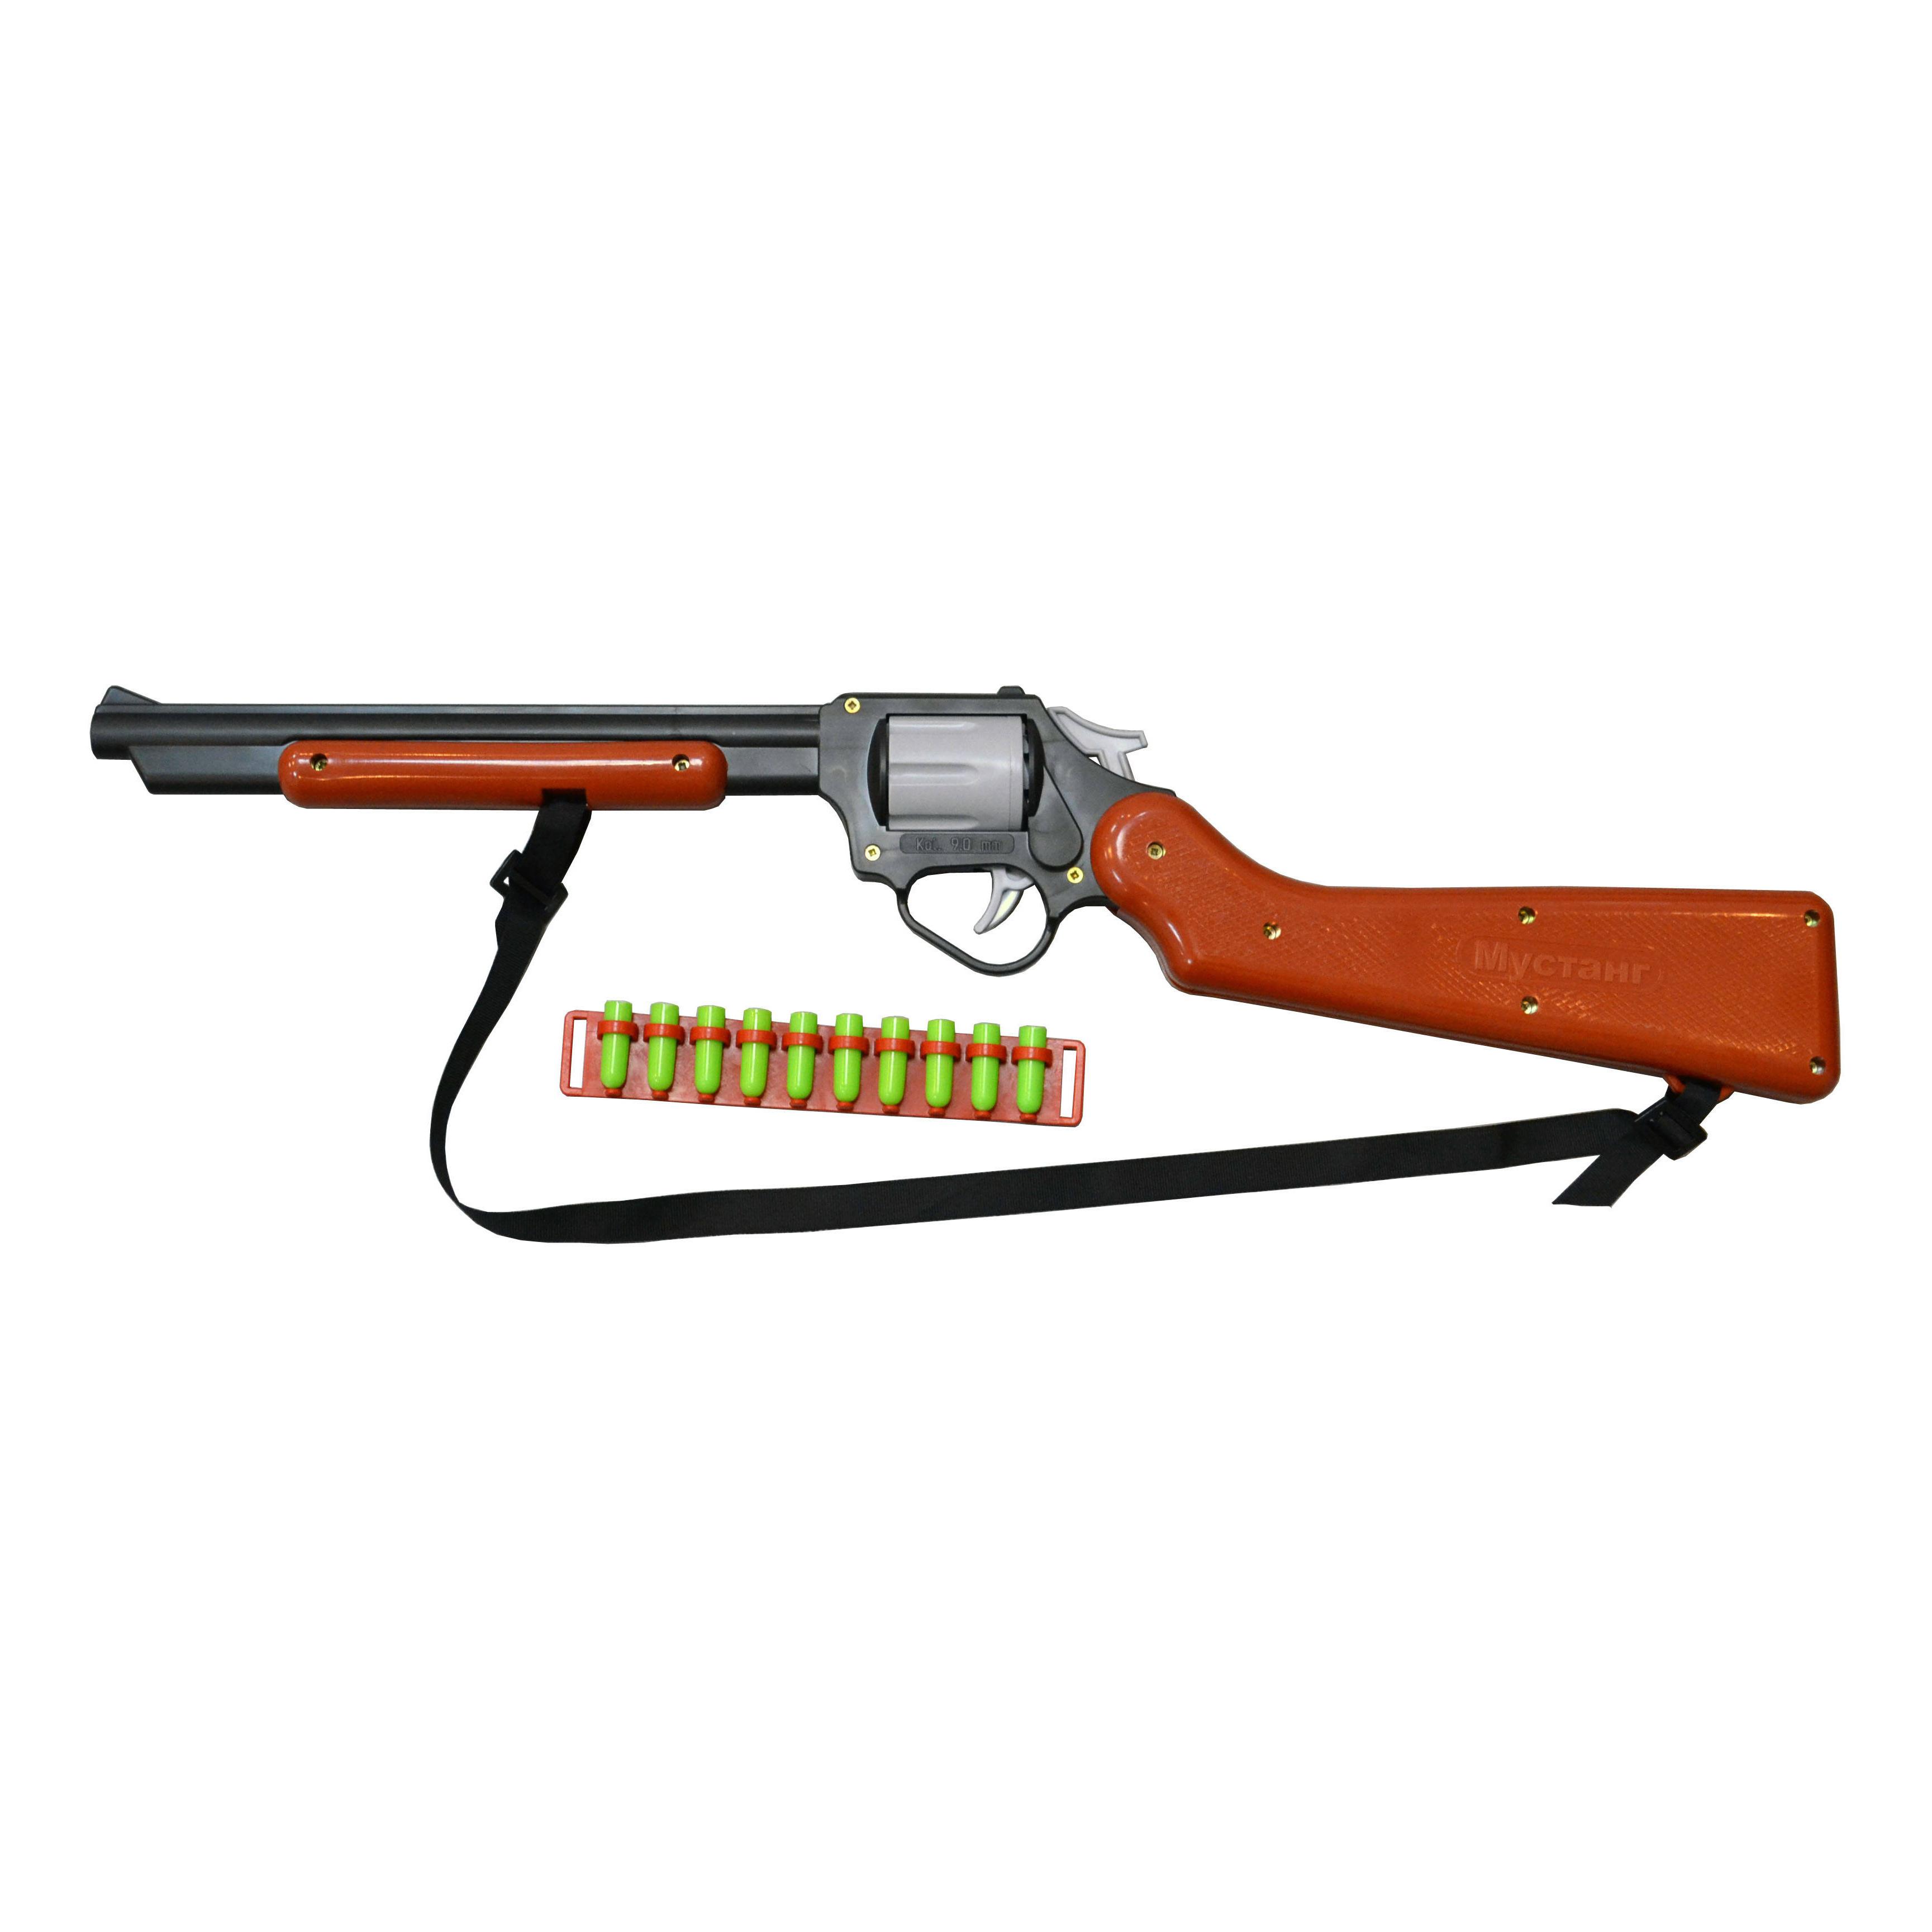 Купить Игрушечное оружие Форма Мустанг,